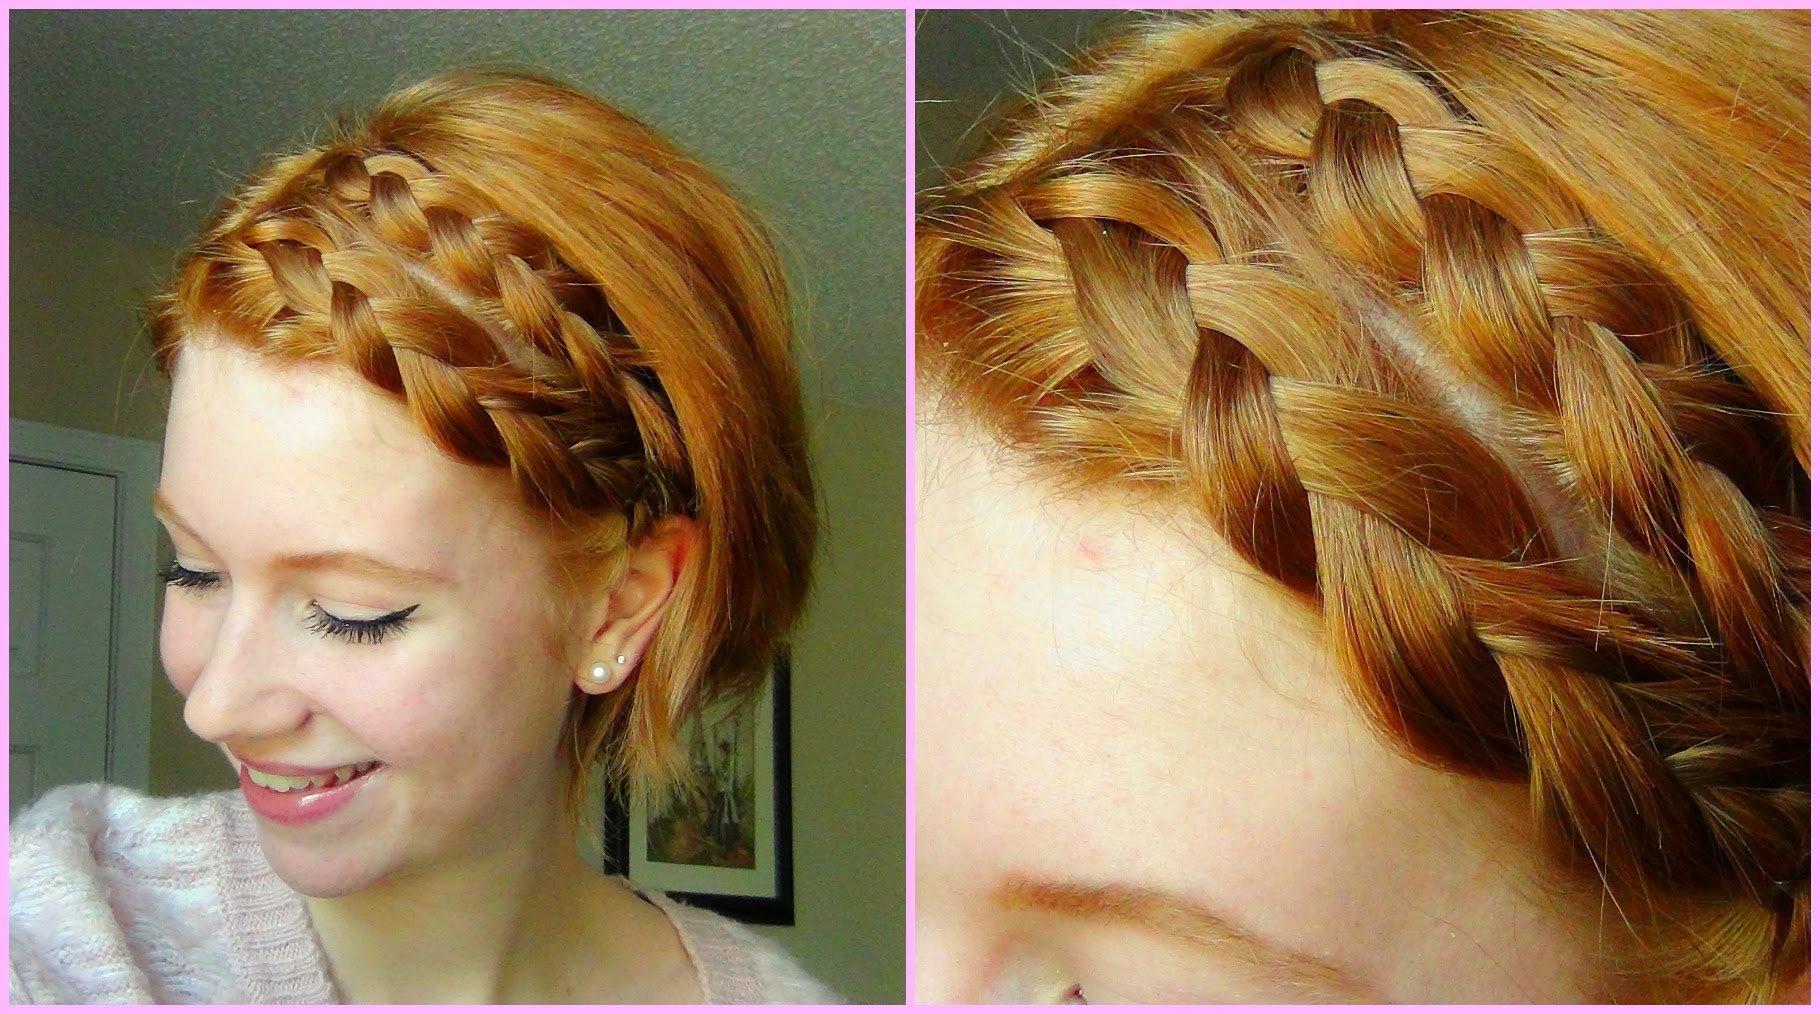 Bosan Dengan Gaya Rambutmu Yang Biasa Ide Kepang Rambut Ini - Gaya rambut pendek kepang